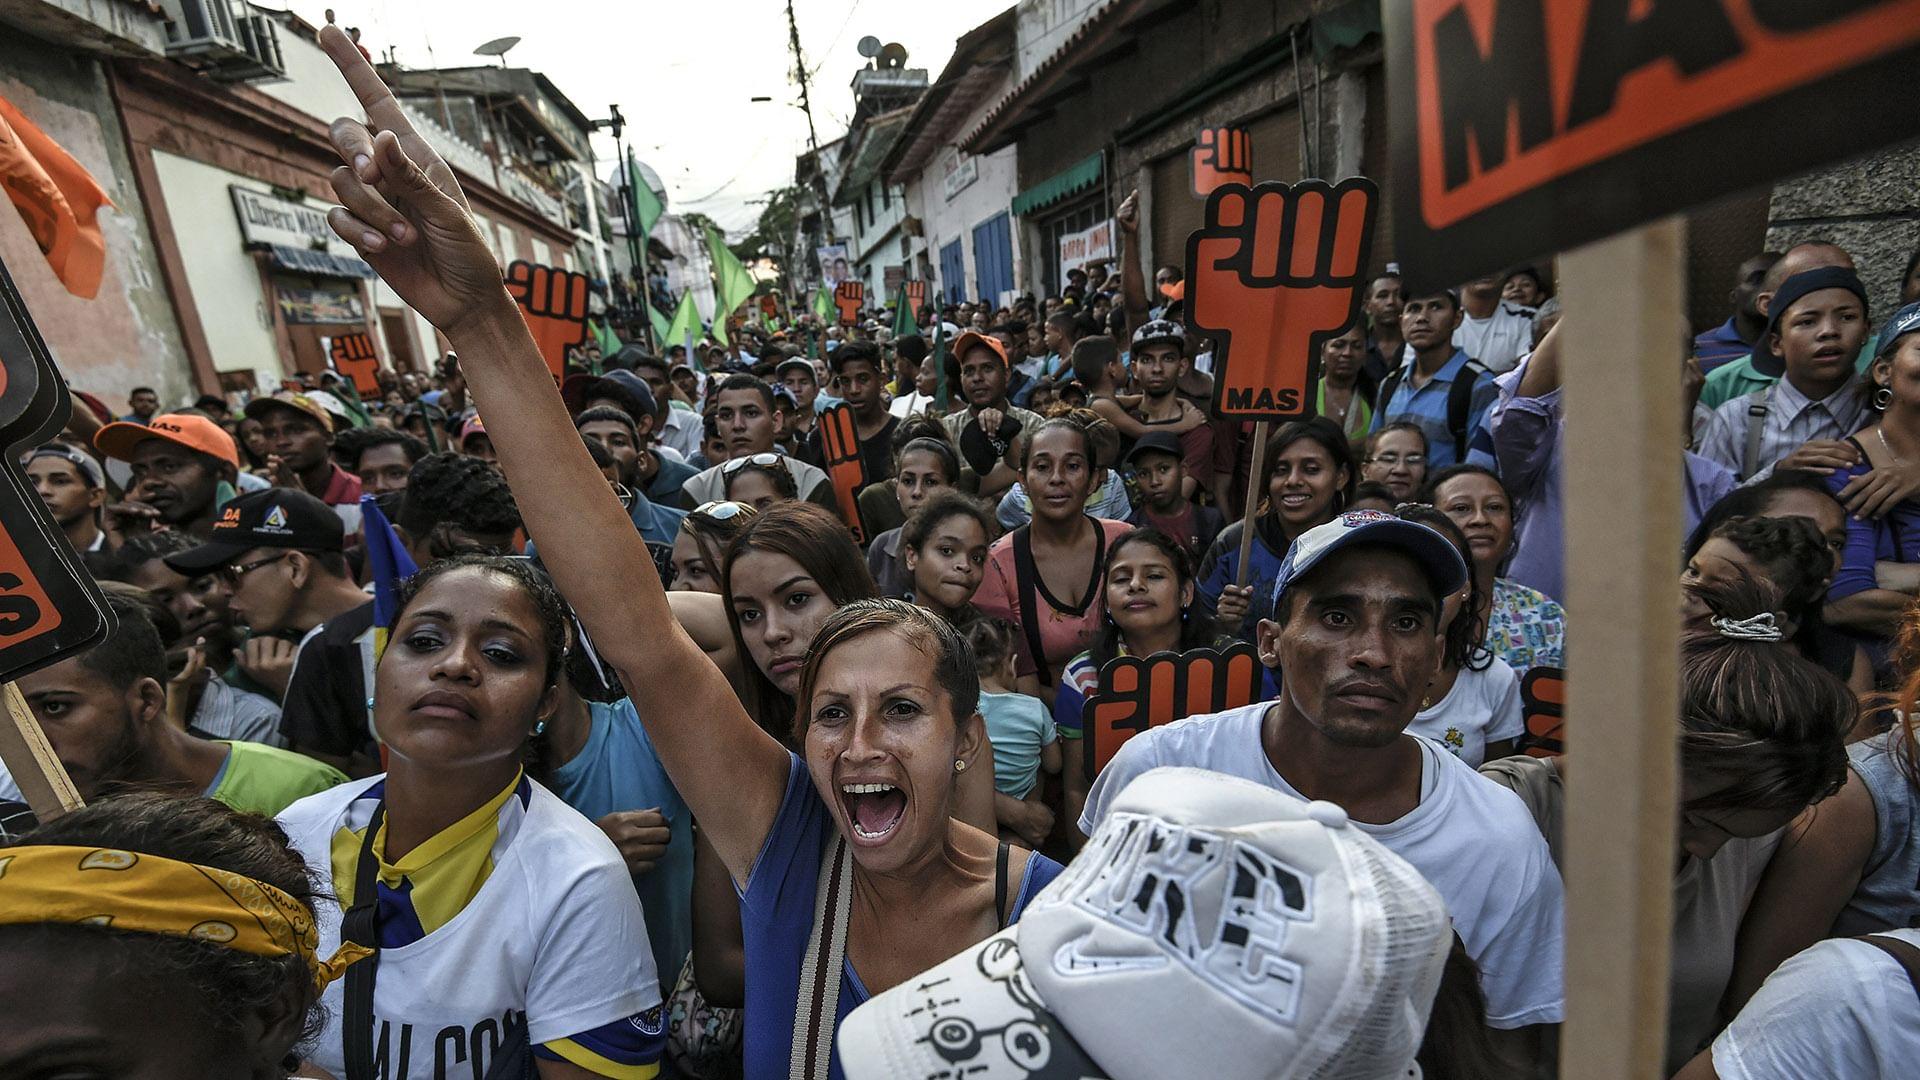 Venezuela: 6 Jahre politische, wirtschaftliche und humanitäre Krise